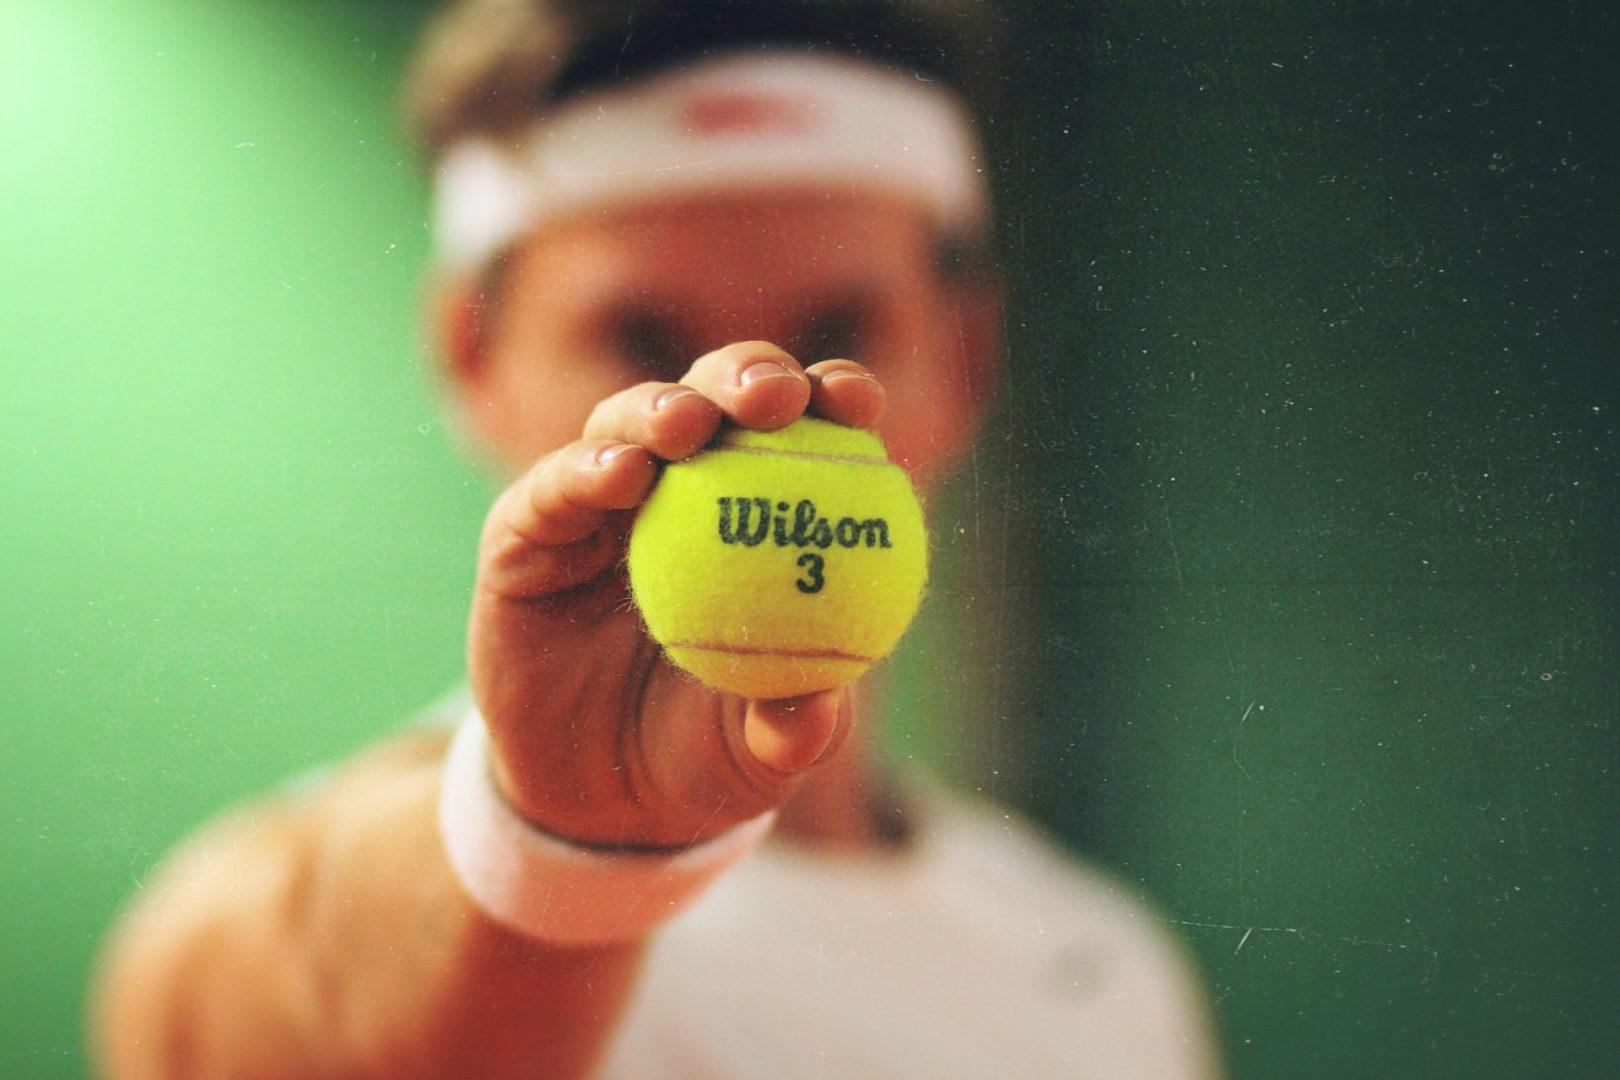 Man holding a tennis ball